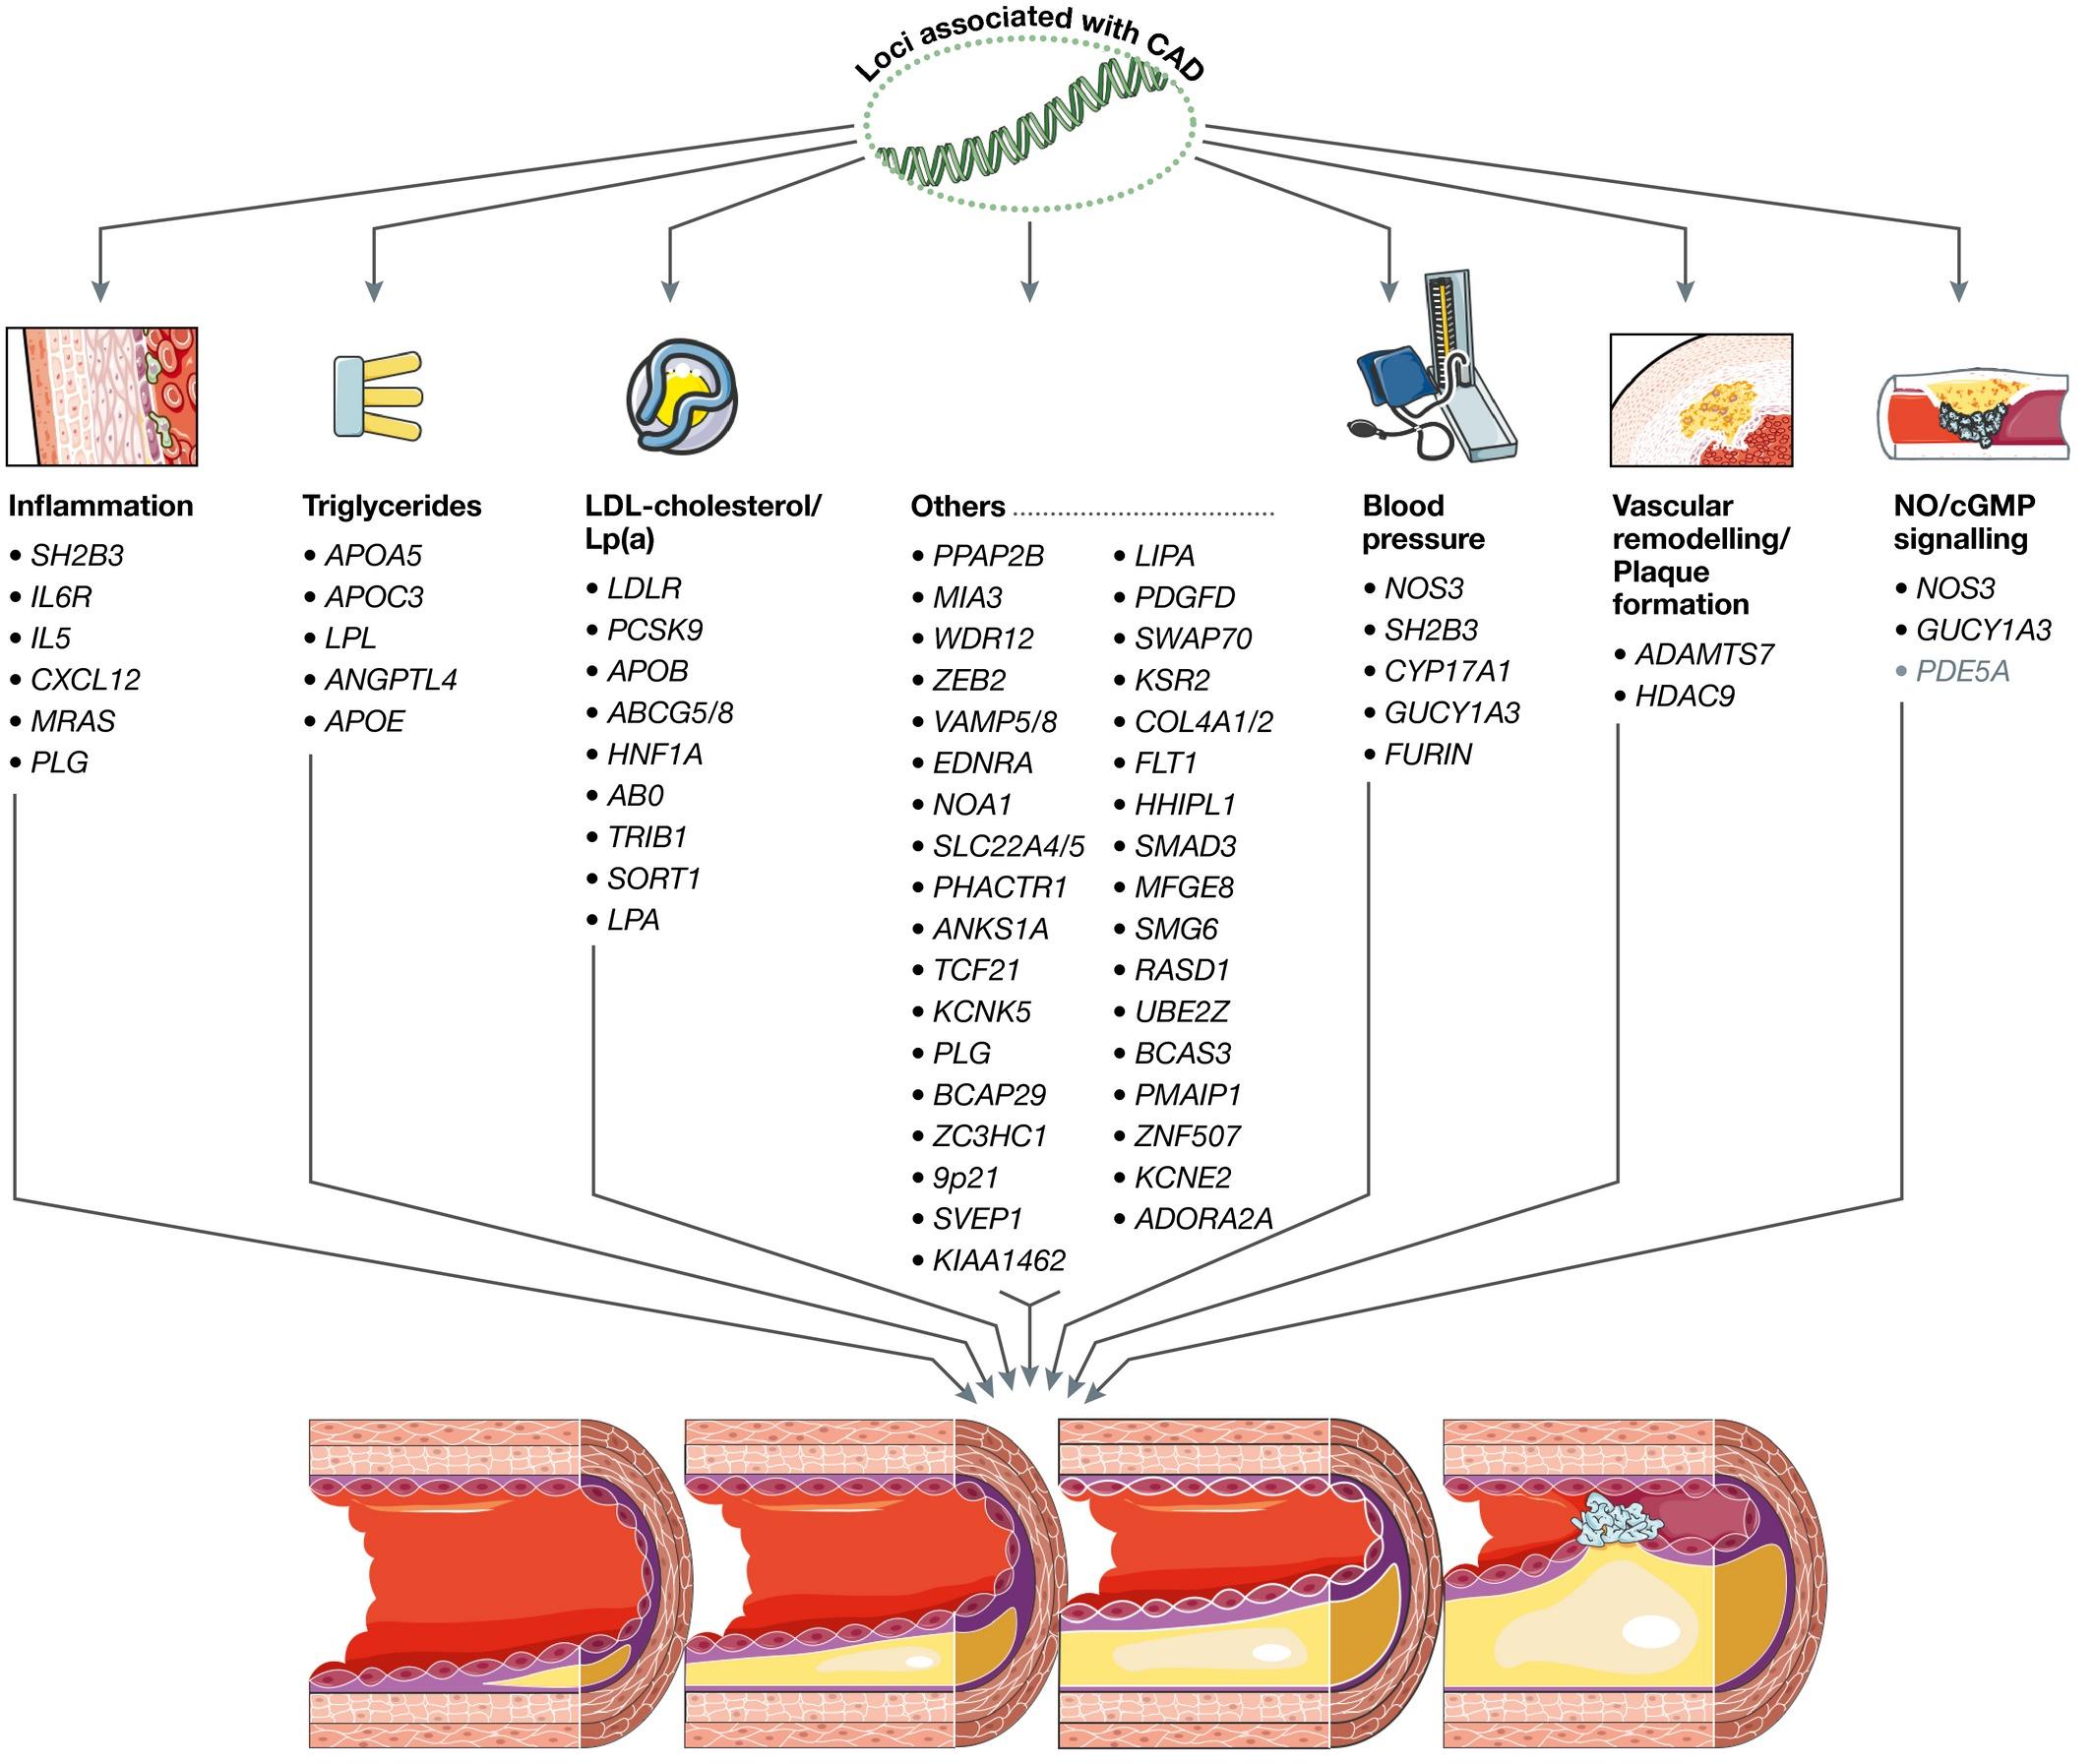 NOS3 в развитии атеросклероза